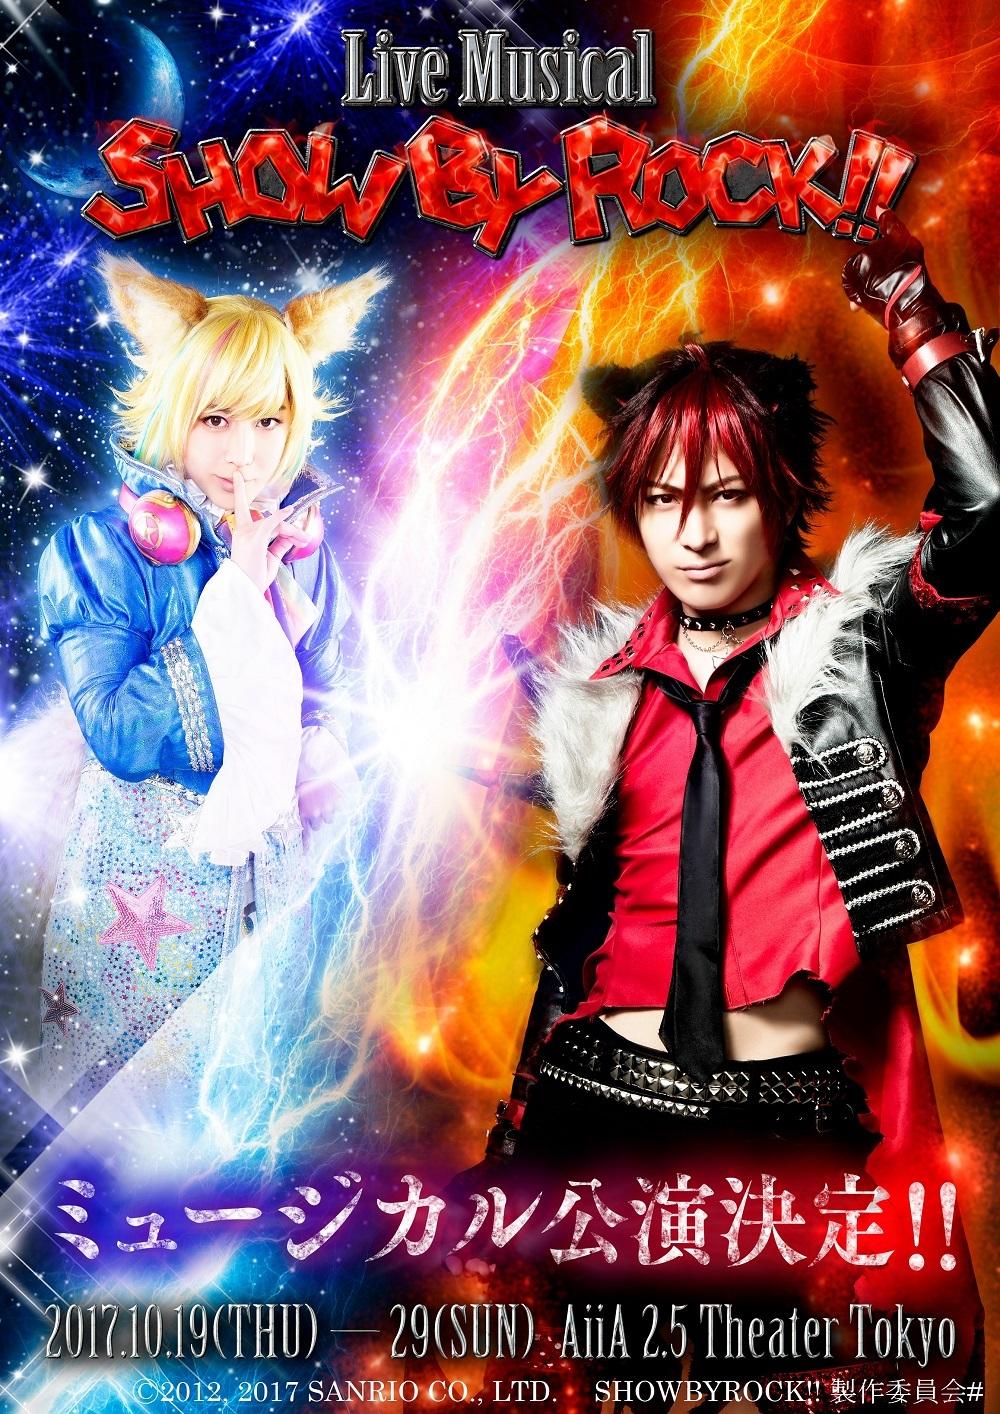 Live Musical「SHOW BY ROCK!!」(左から) <トライクロニカ>シュウ☆ゾー(Vo,Gt)鎌苅健太、 <シンガンクリムゾンズ>クロウ(Vo,Gt)米原幸佑 (C)2012, 2017 SANRIO CO., LTD. SHOWBYROCK!! 製作委員会#